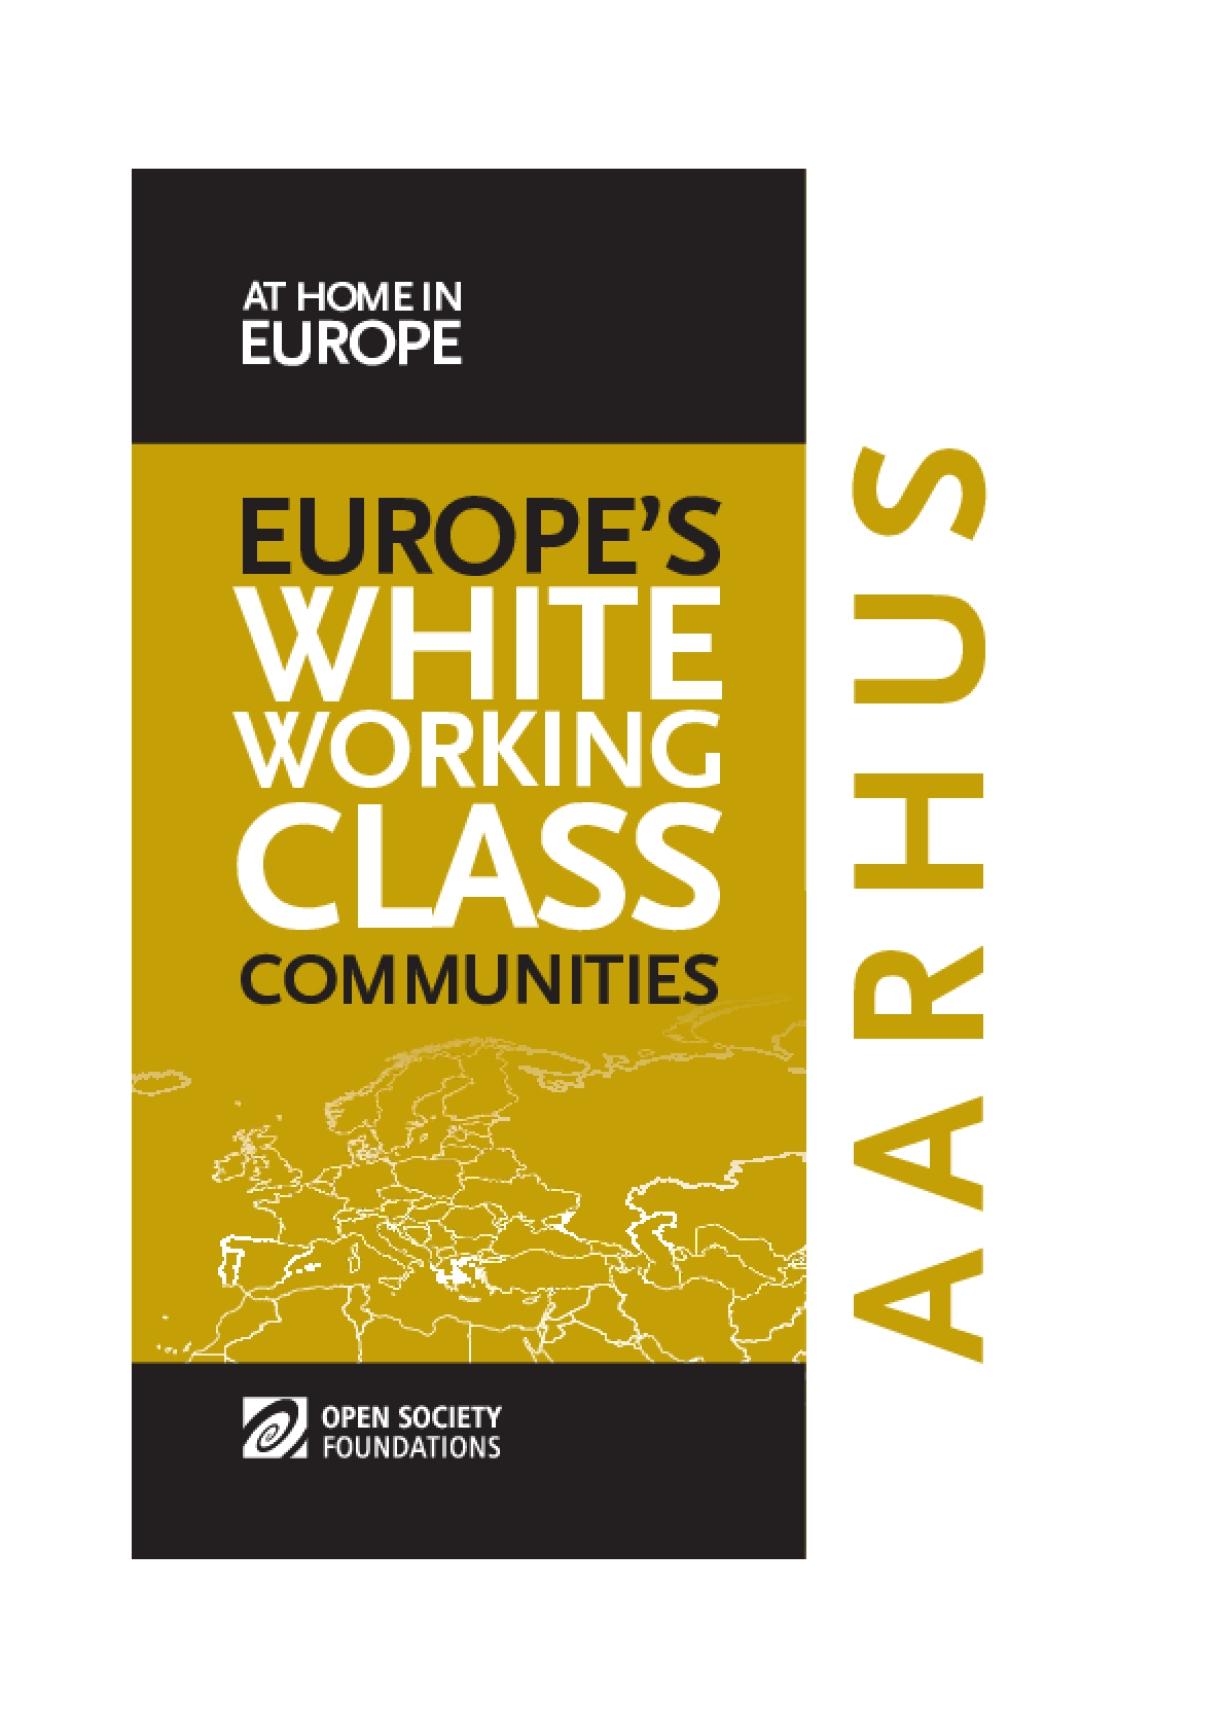 White Working Class Communities in Aarhus